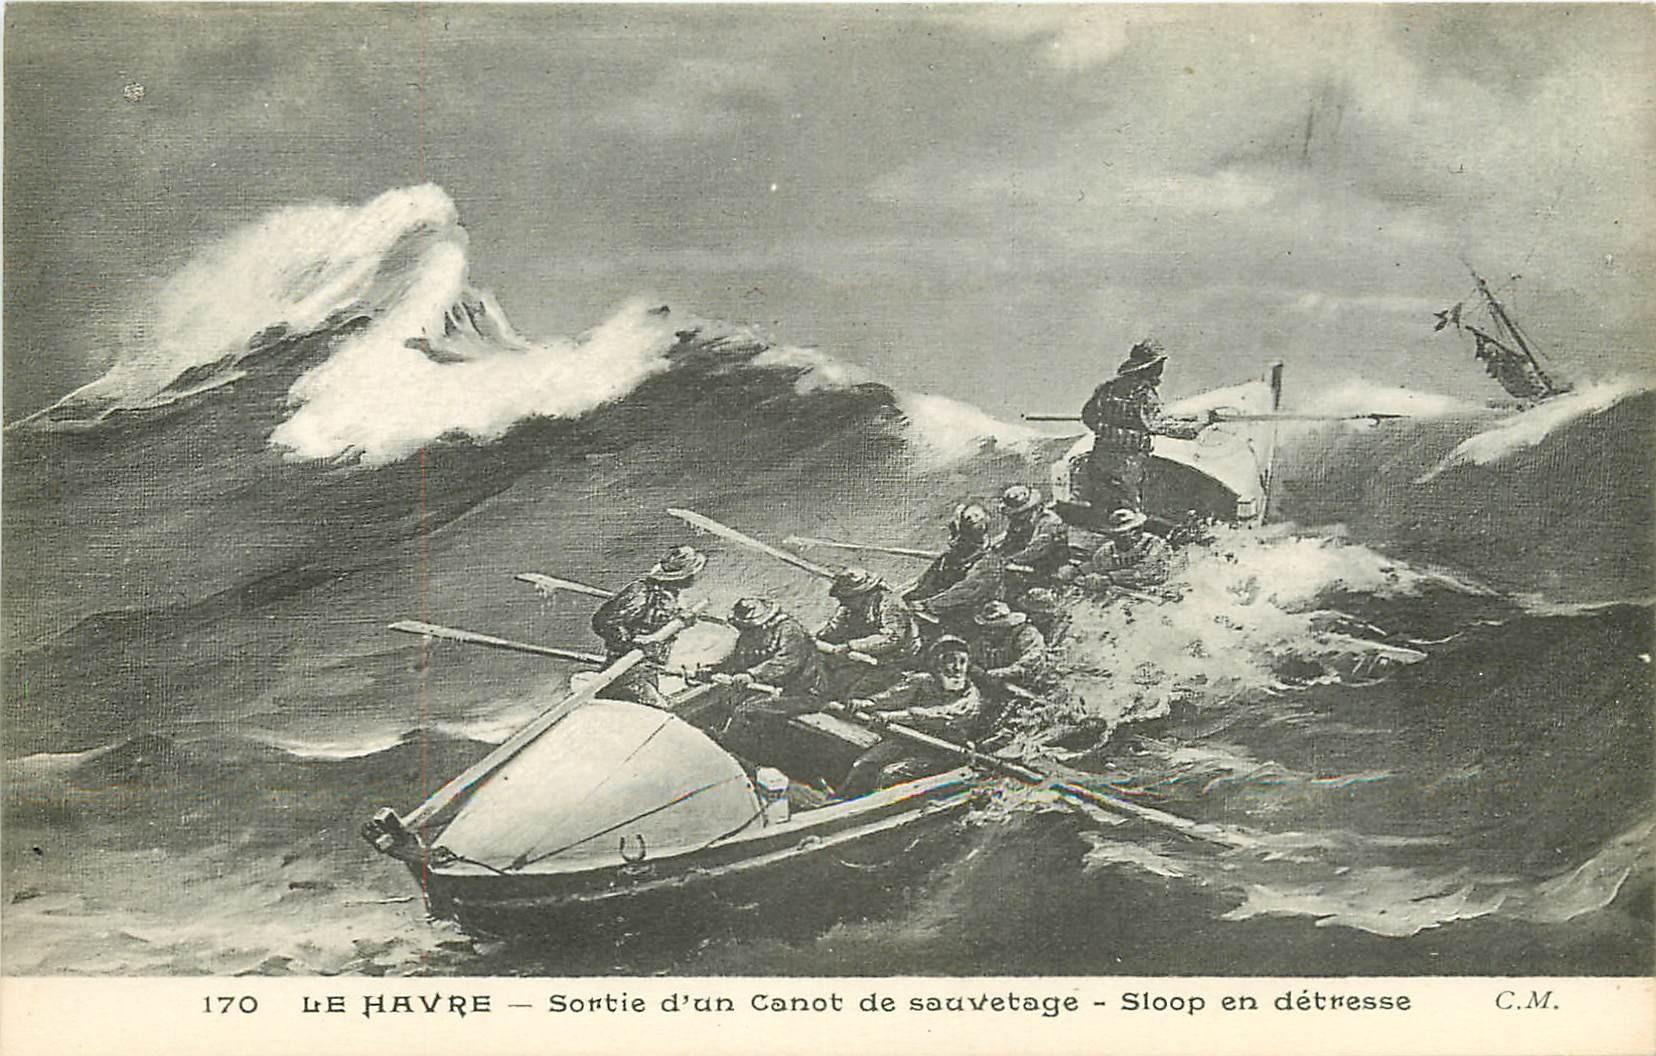 76 LE HAVRE. Sortie d'un Canot de sauvetage pour un Sloop en détresse